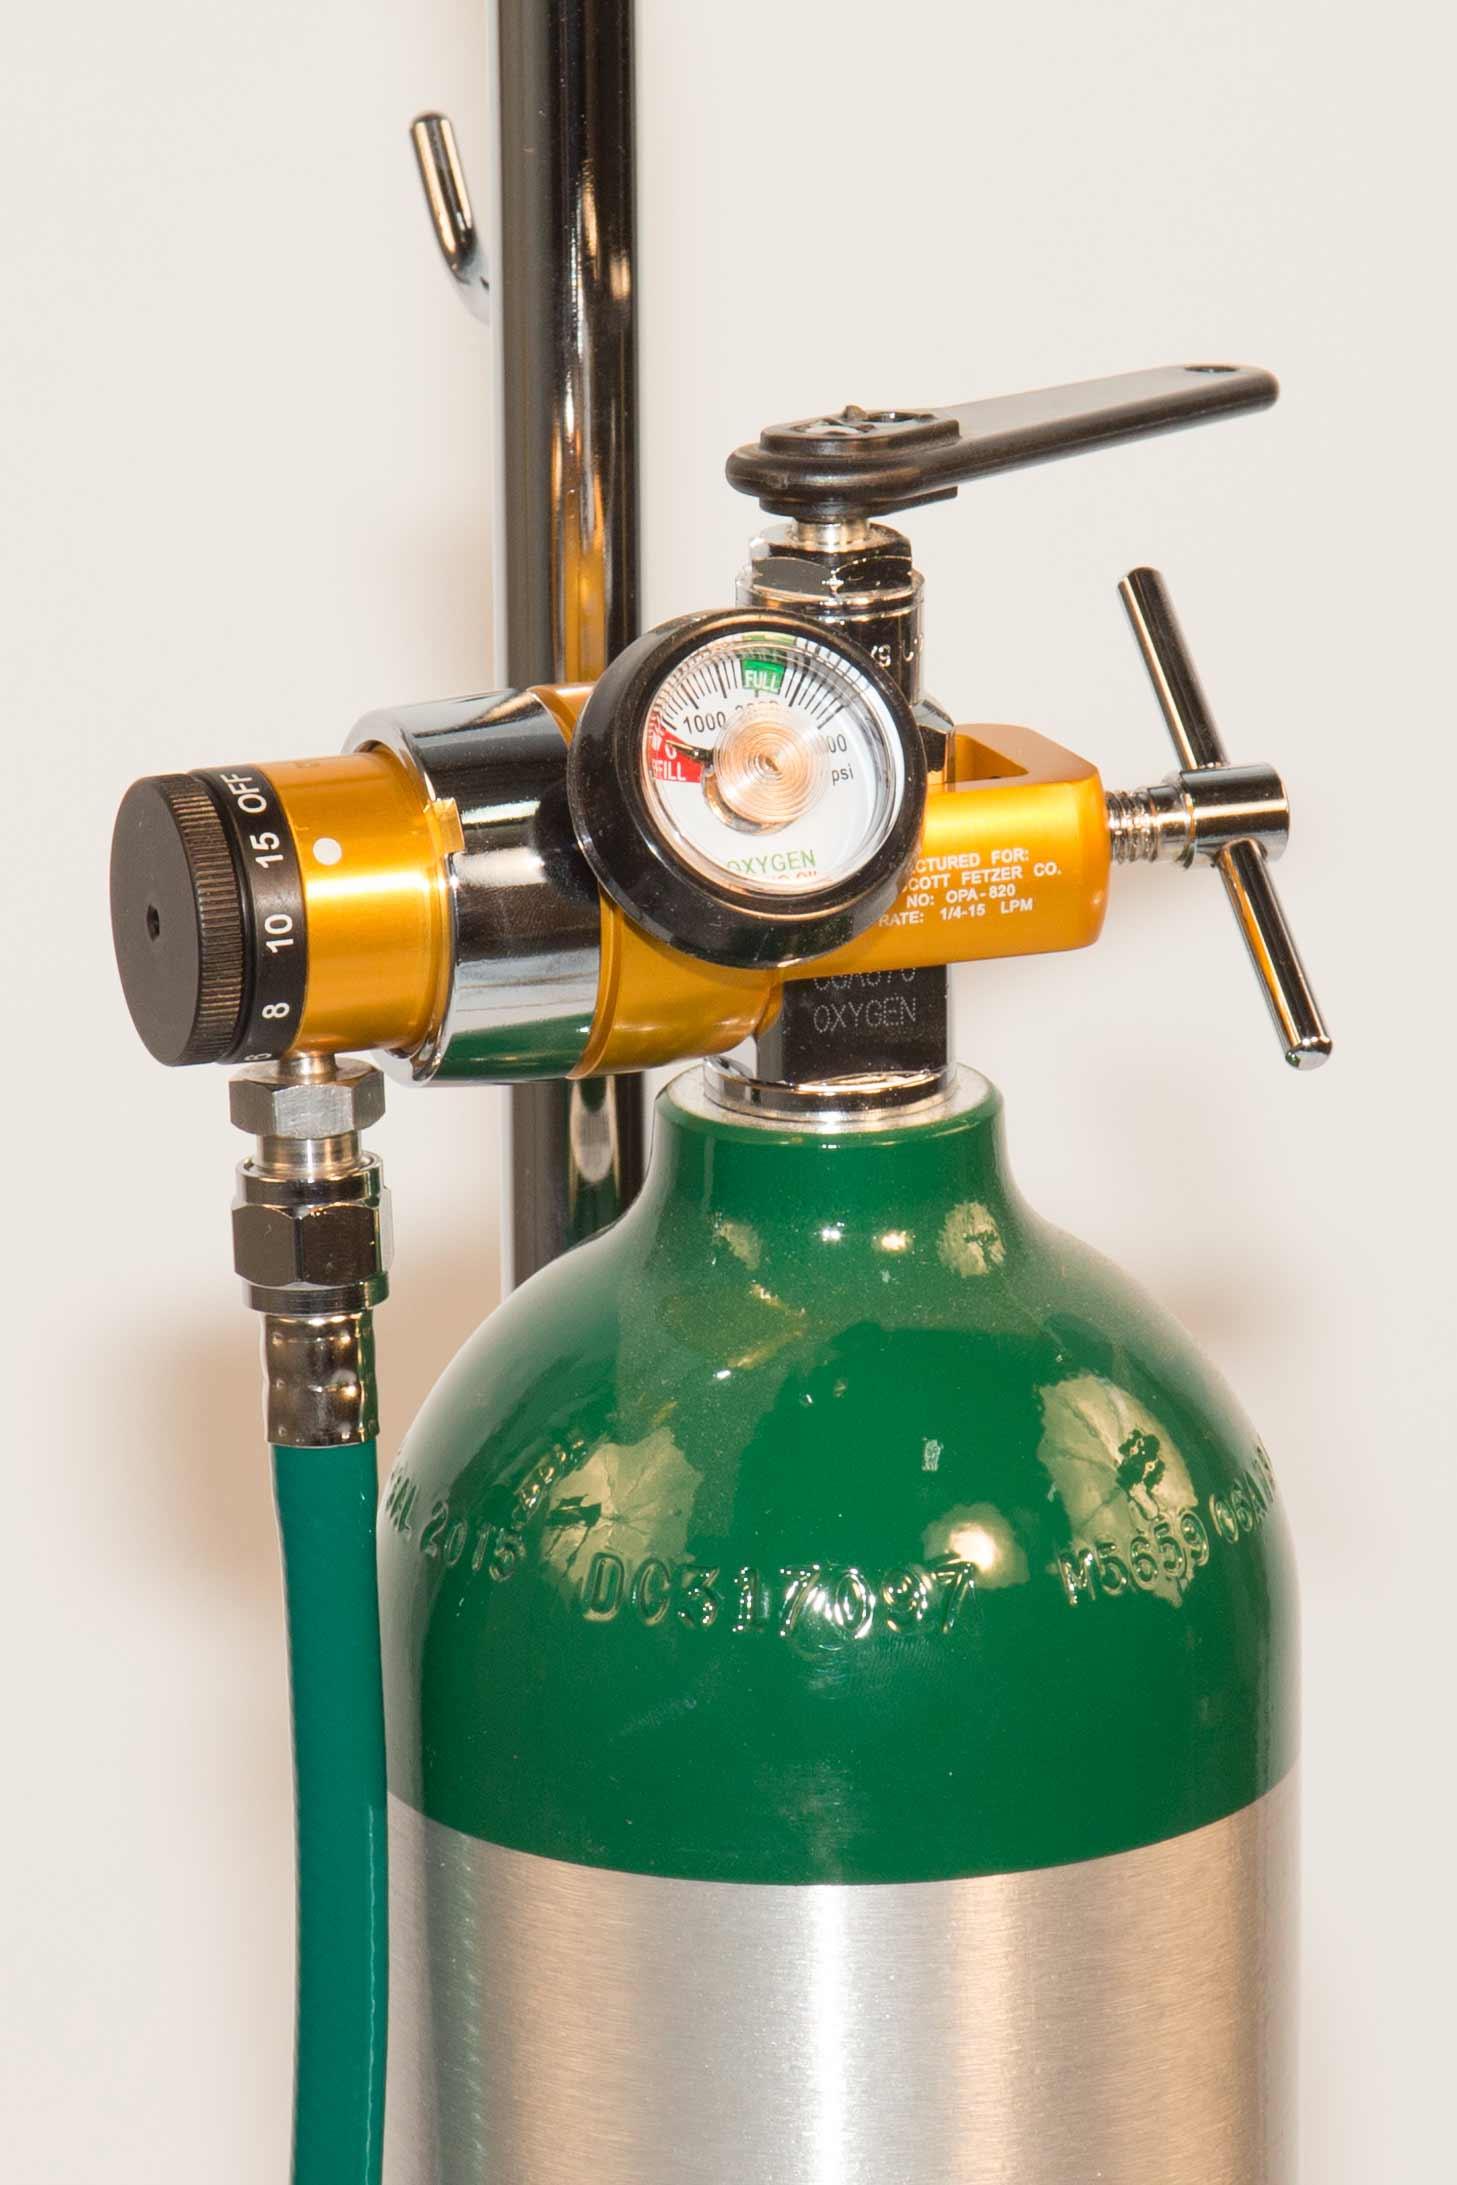 How do you hook up an oxygen tank